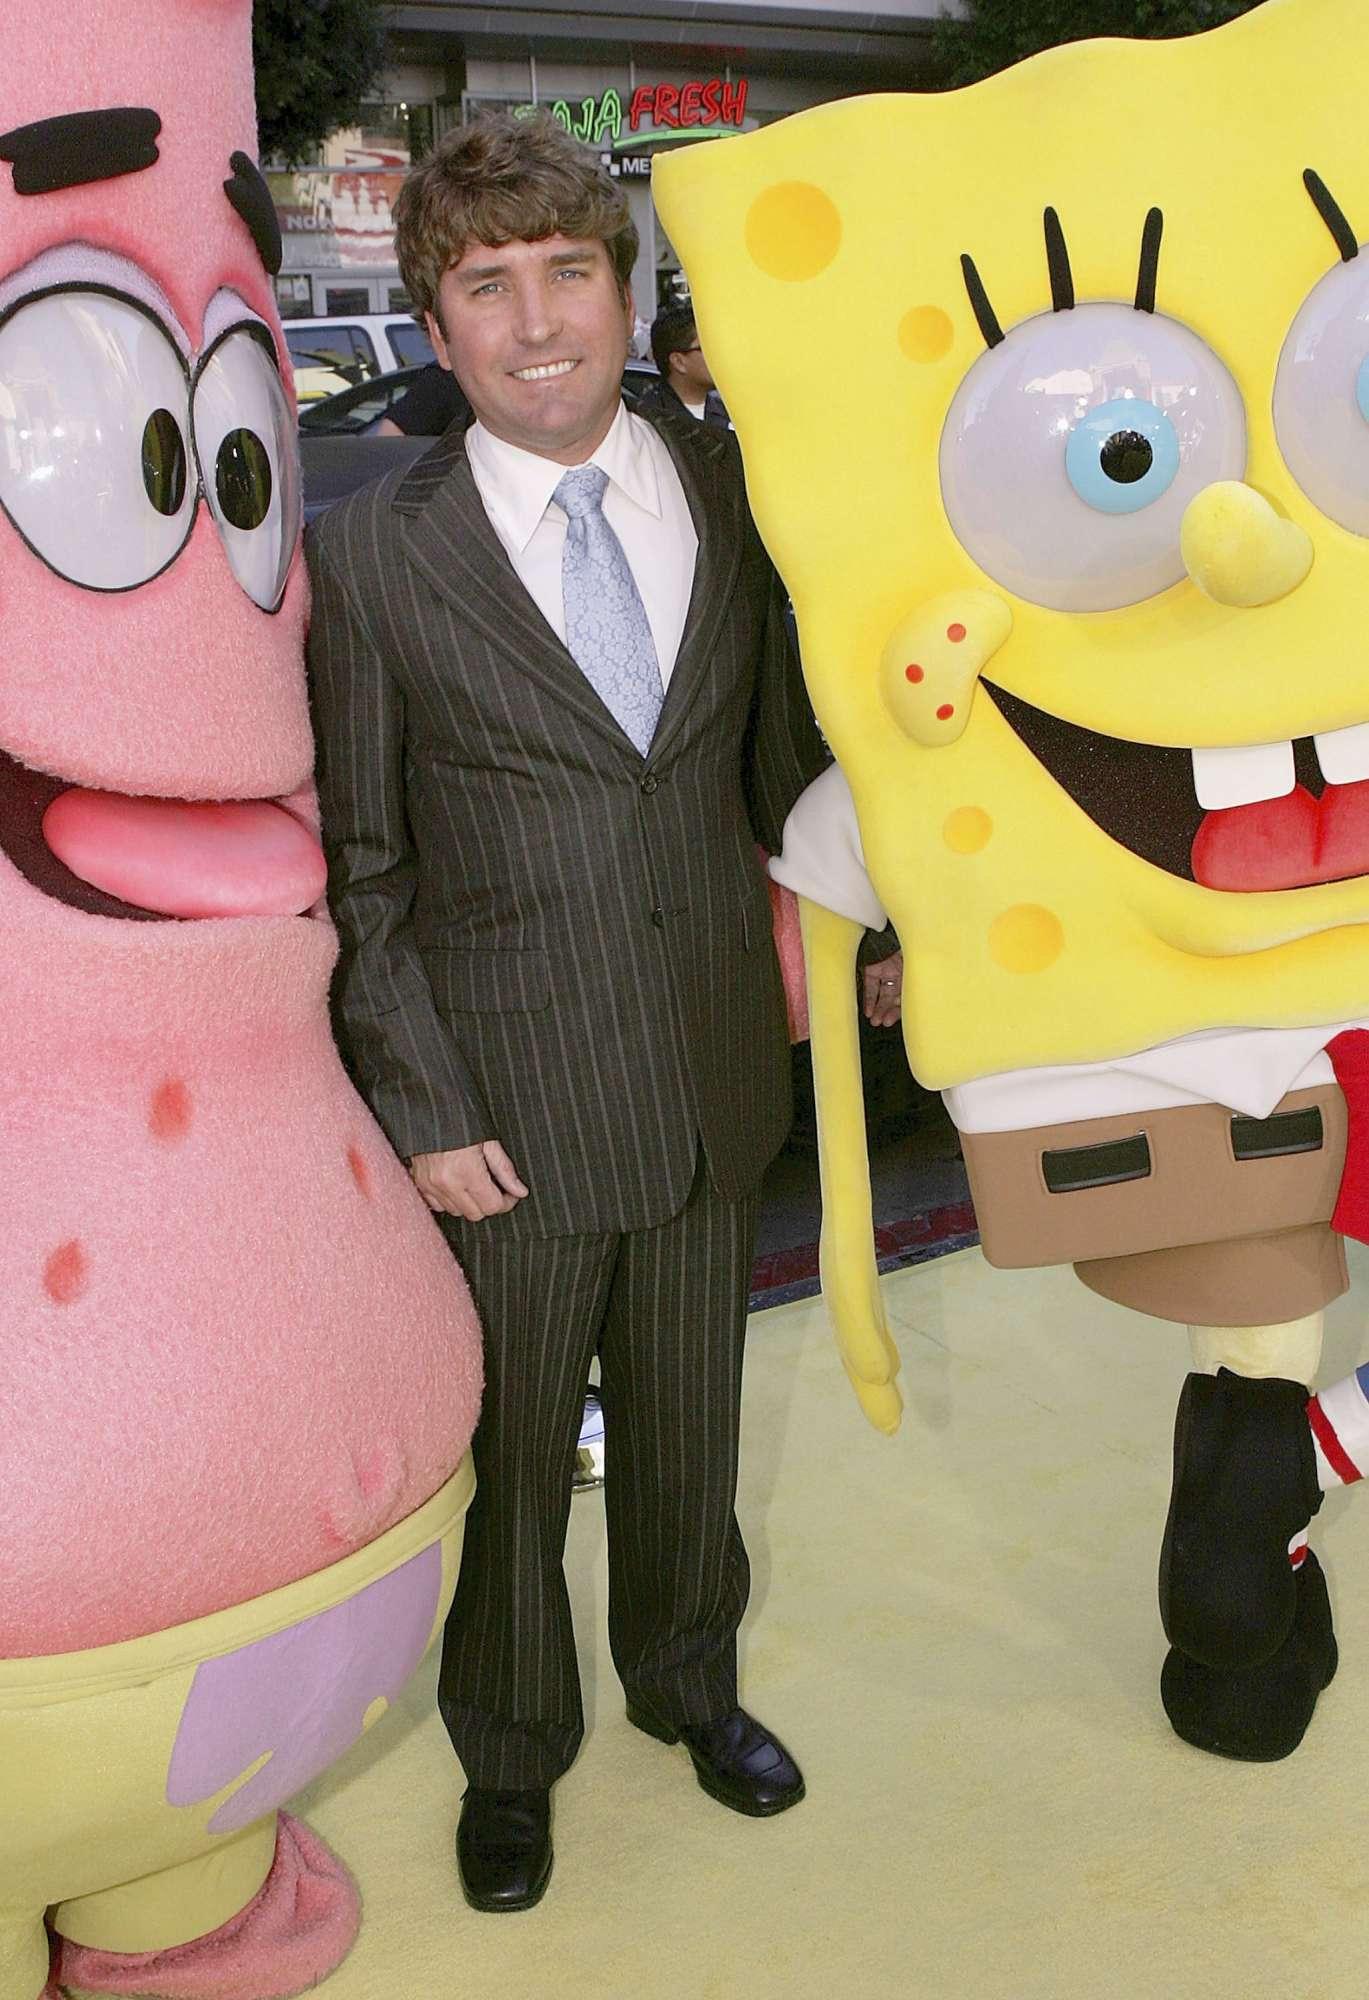 Stephen Hillenburg, morto a 57 anni il creatore di SpongeBob